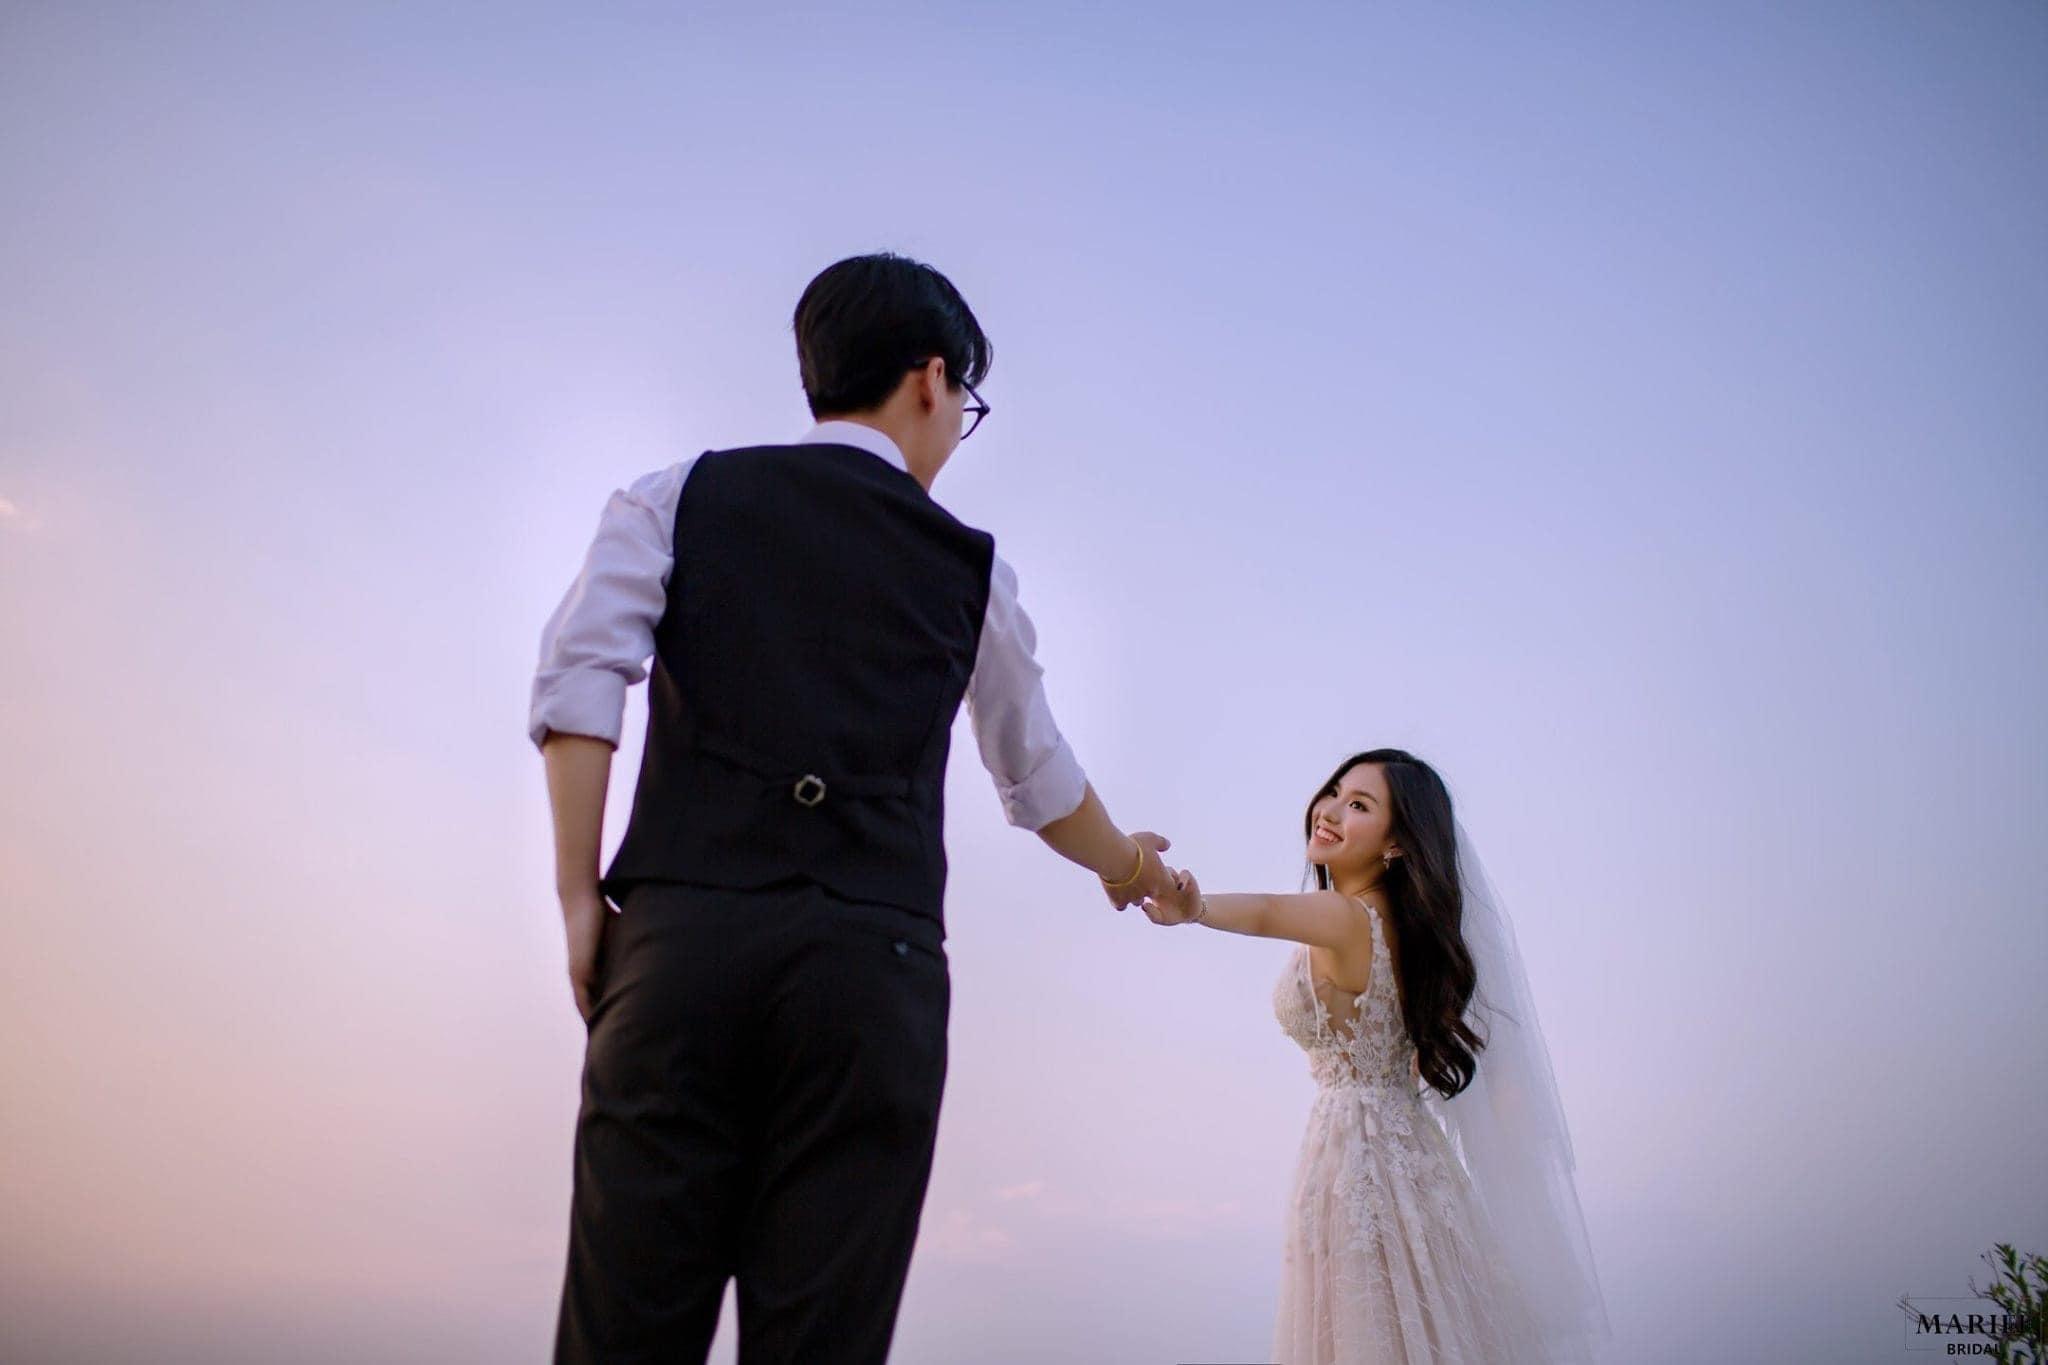 Cặp đôi 'trai tài gái sắc' gây bão mạng với khoảnh khắc tình tứ dưới hoàng hôn